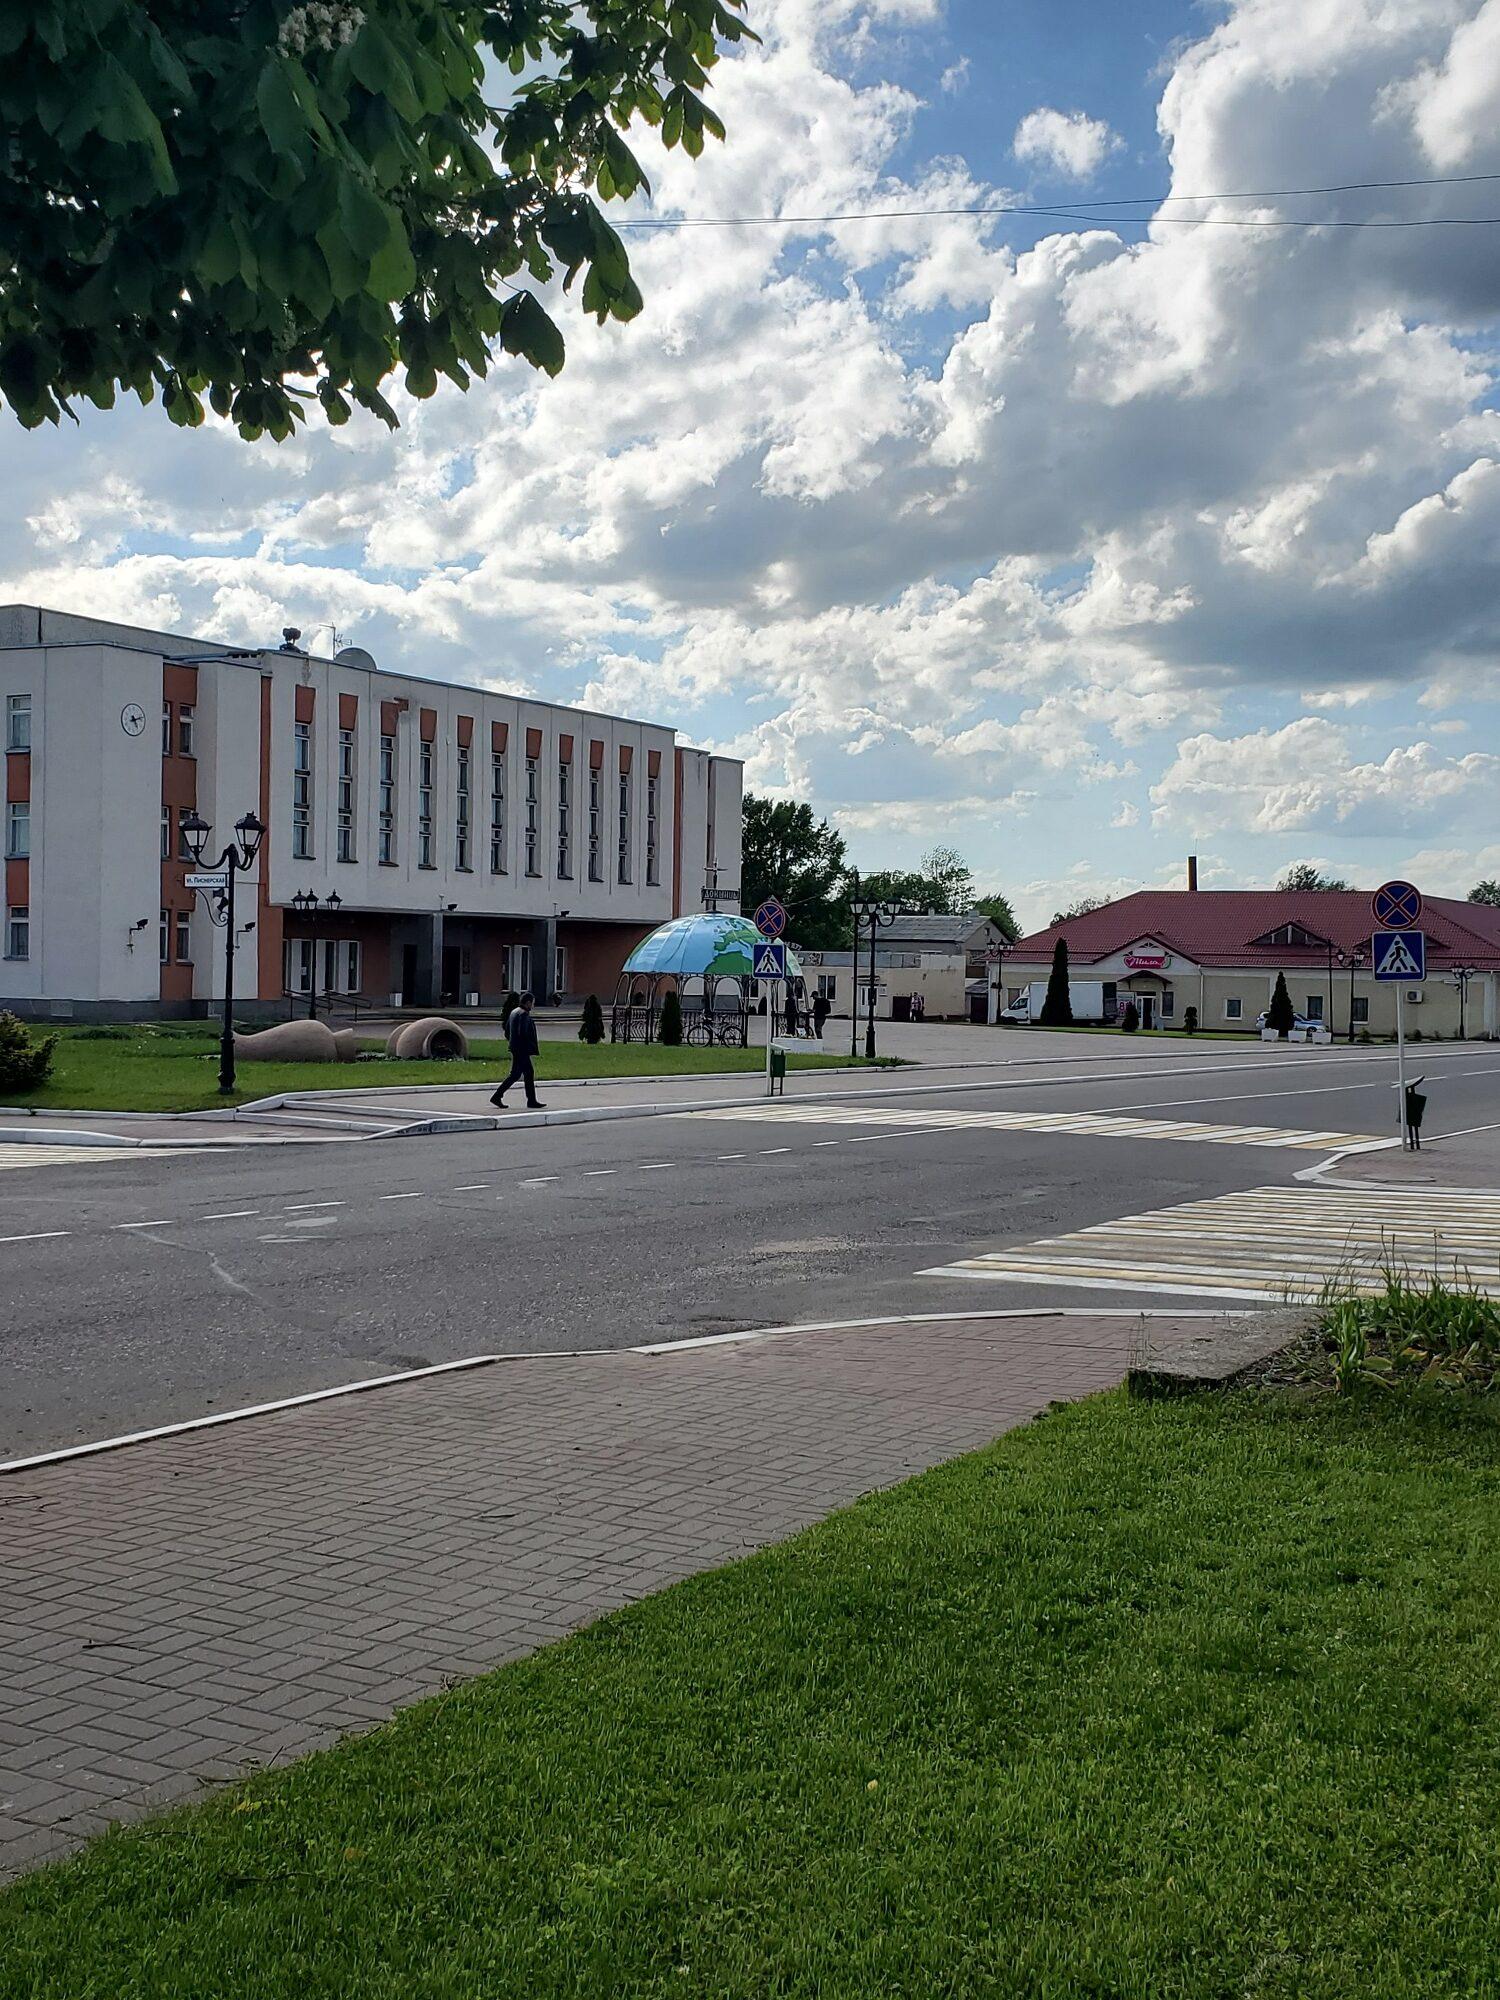 20200606 171448 rotated - Свято-Покровская церковь в Докшицах